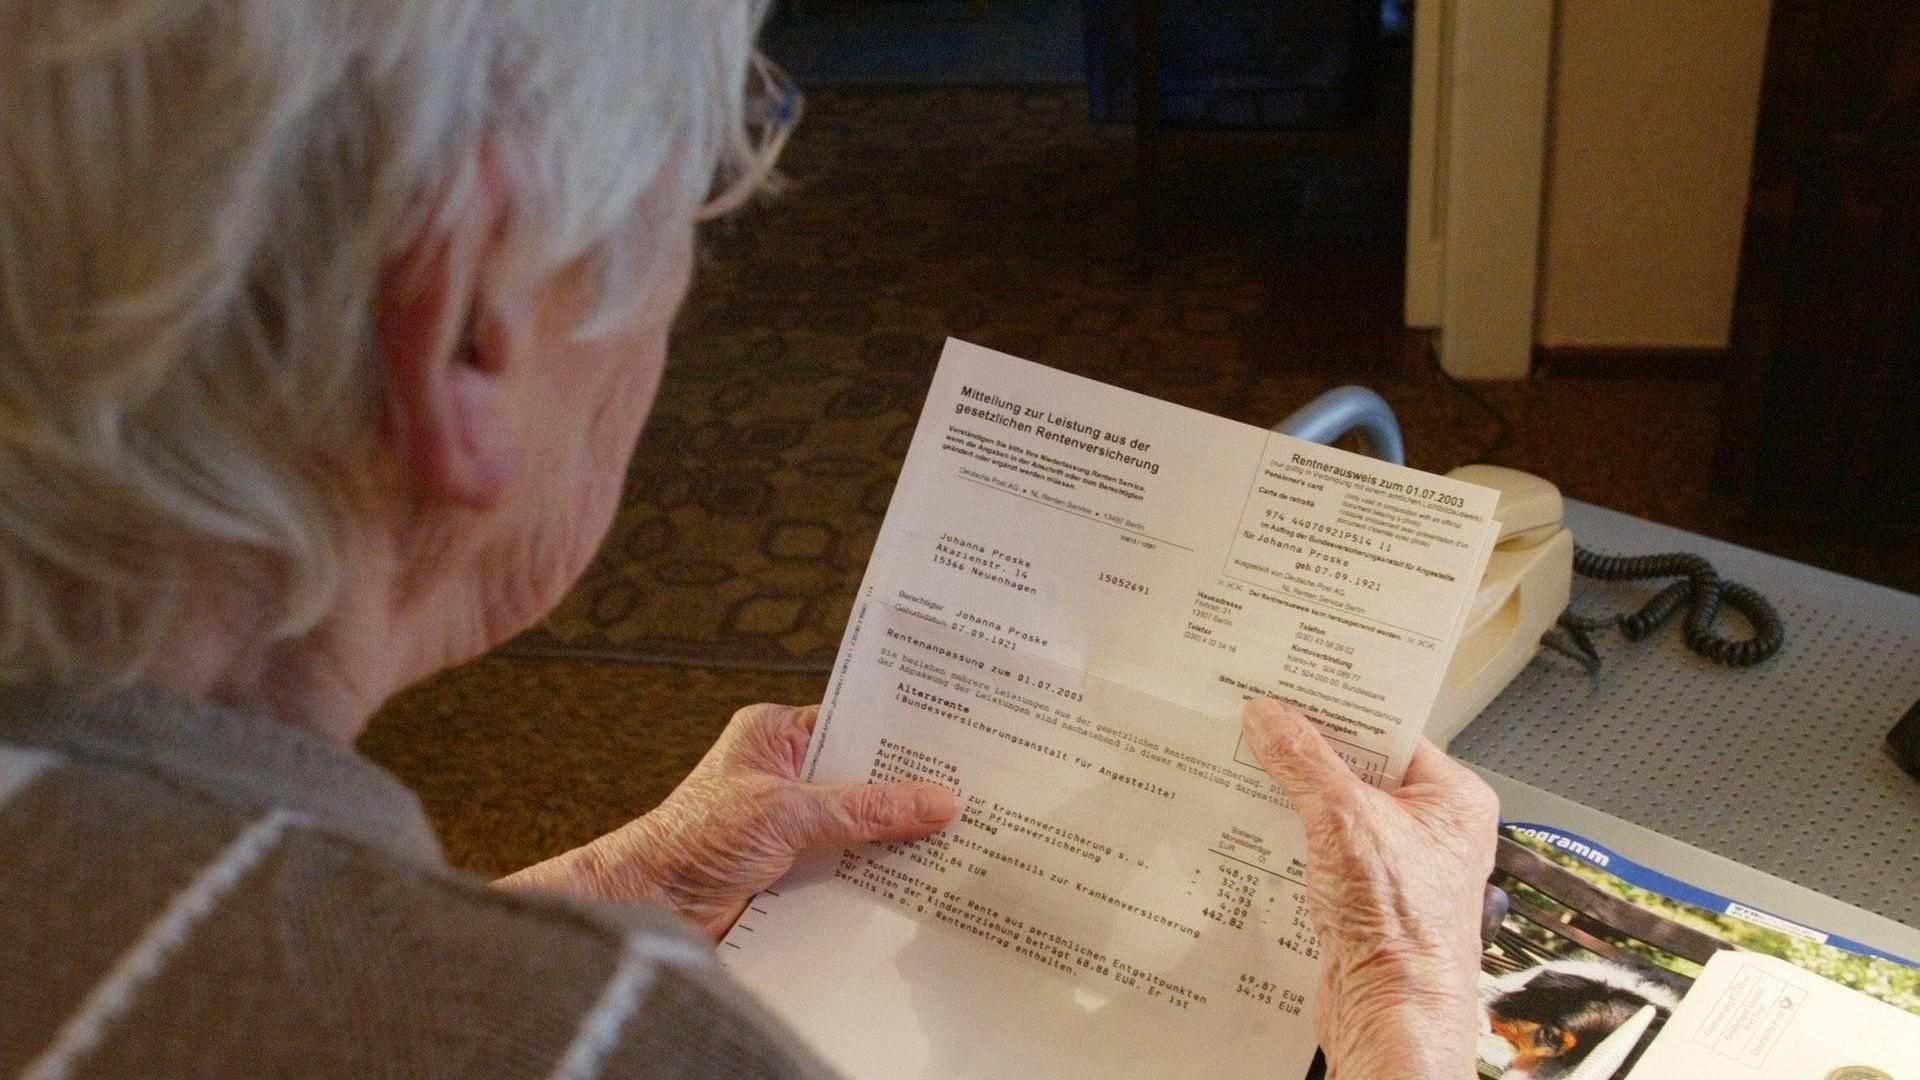 Steuererklarung So Wird Sie Fur Rentner Einfacher Steuererklarung Rentner Rentenversicherung